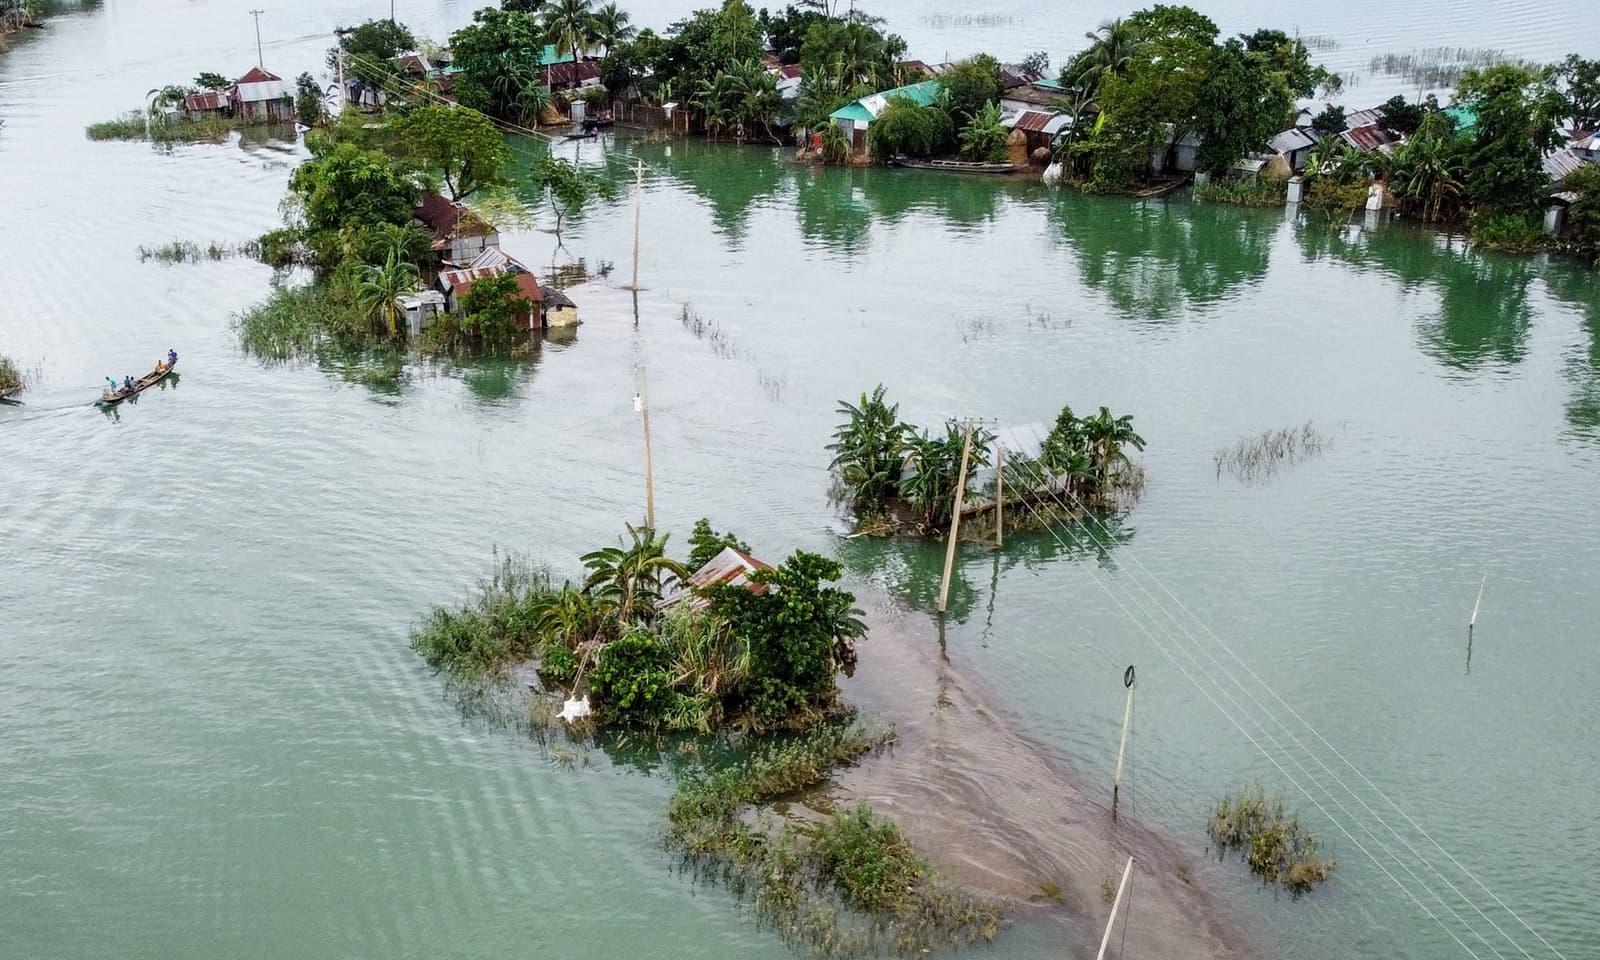 بنگلہ دیش کے علاقے صنم گنج کا فضائی منظر، بنگلہ دیش میں گزشتہ ایک دہائی میں بدترین بارشوں کے سبب ایک تہائی رقبہ بارش میں ڈوبا ہوا ہے — فوٹو: اے ایف پی